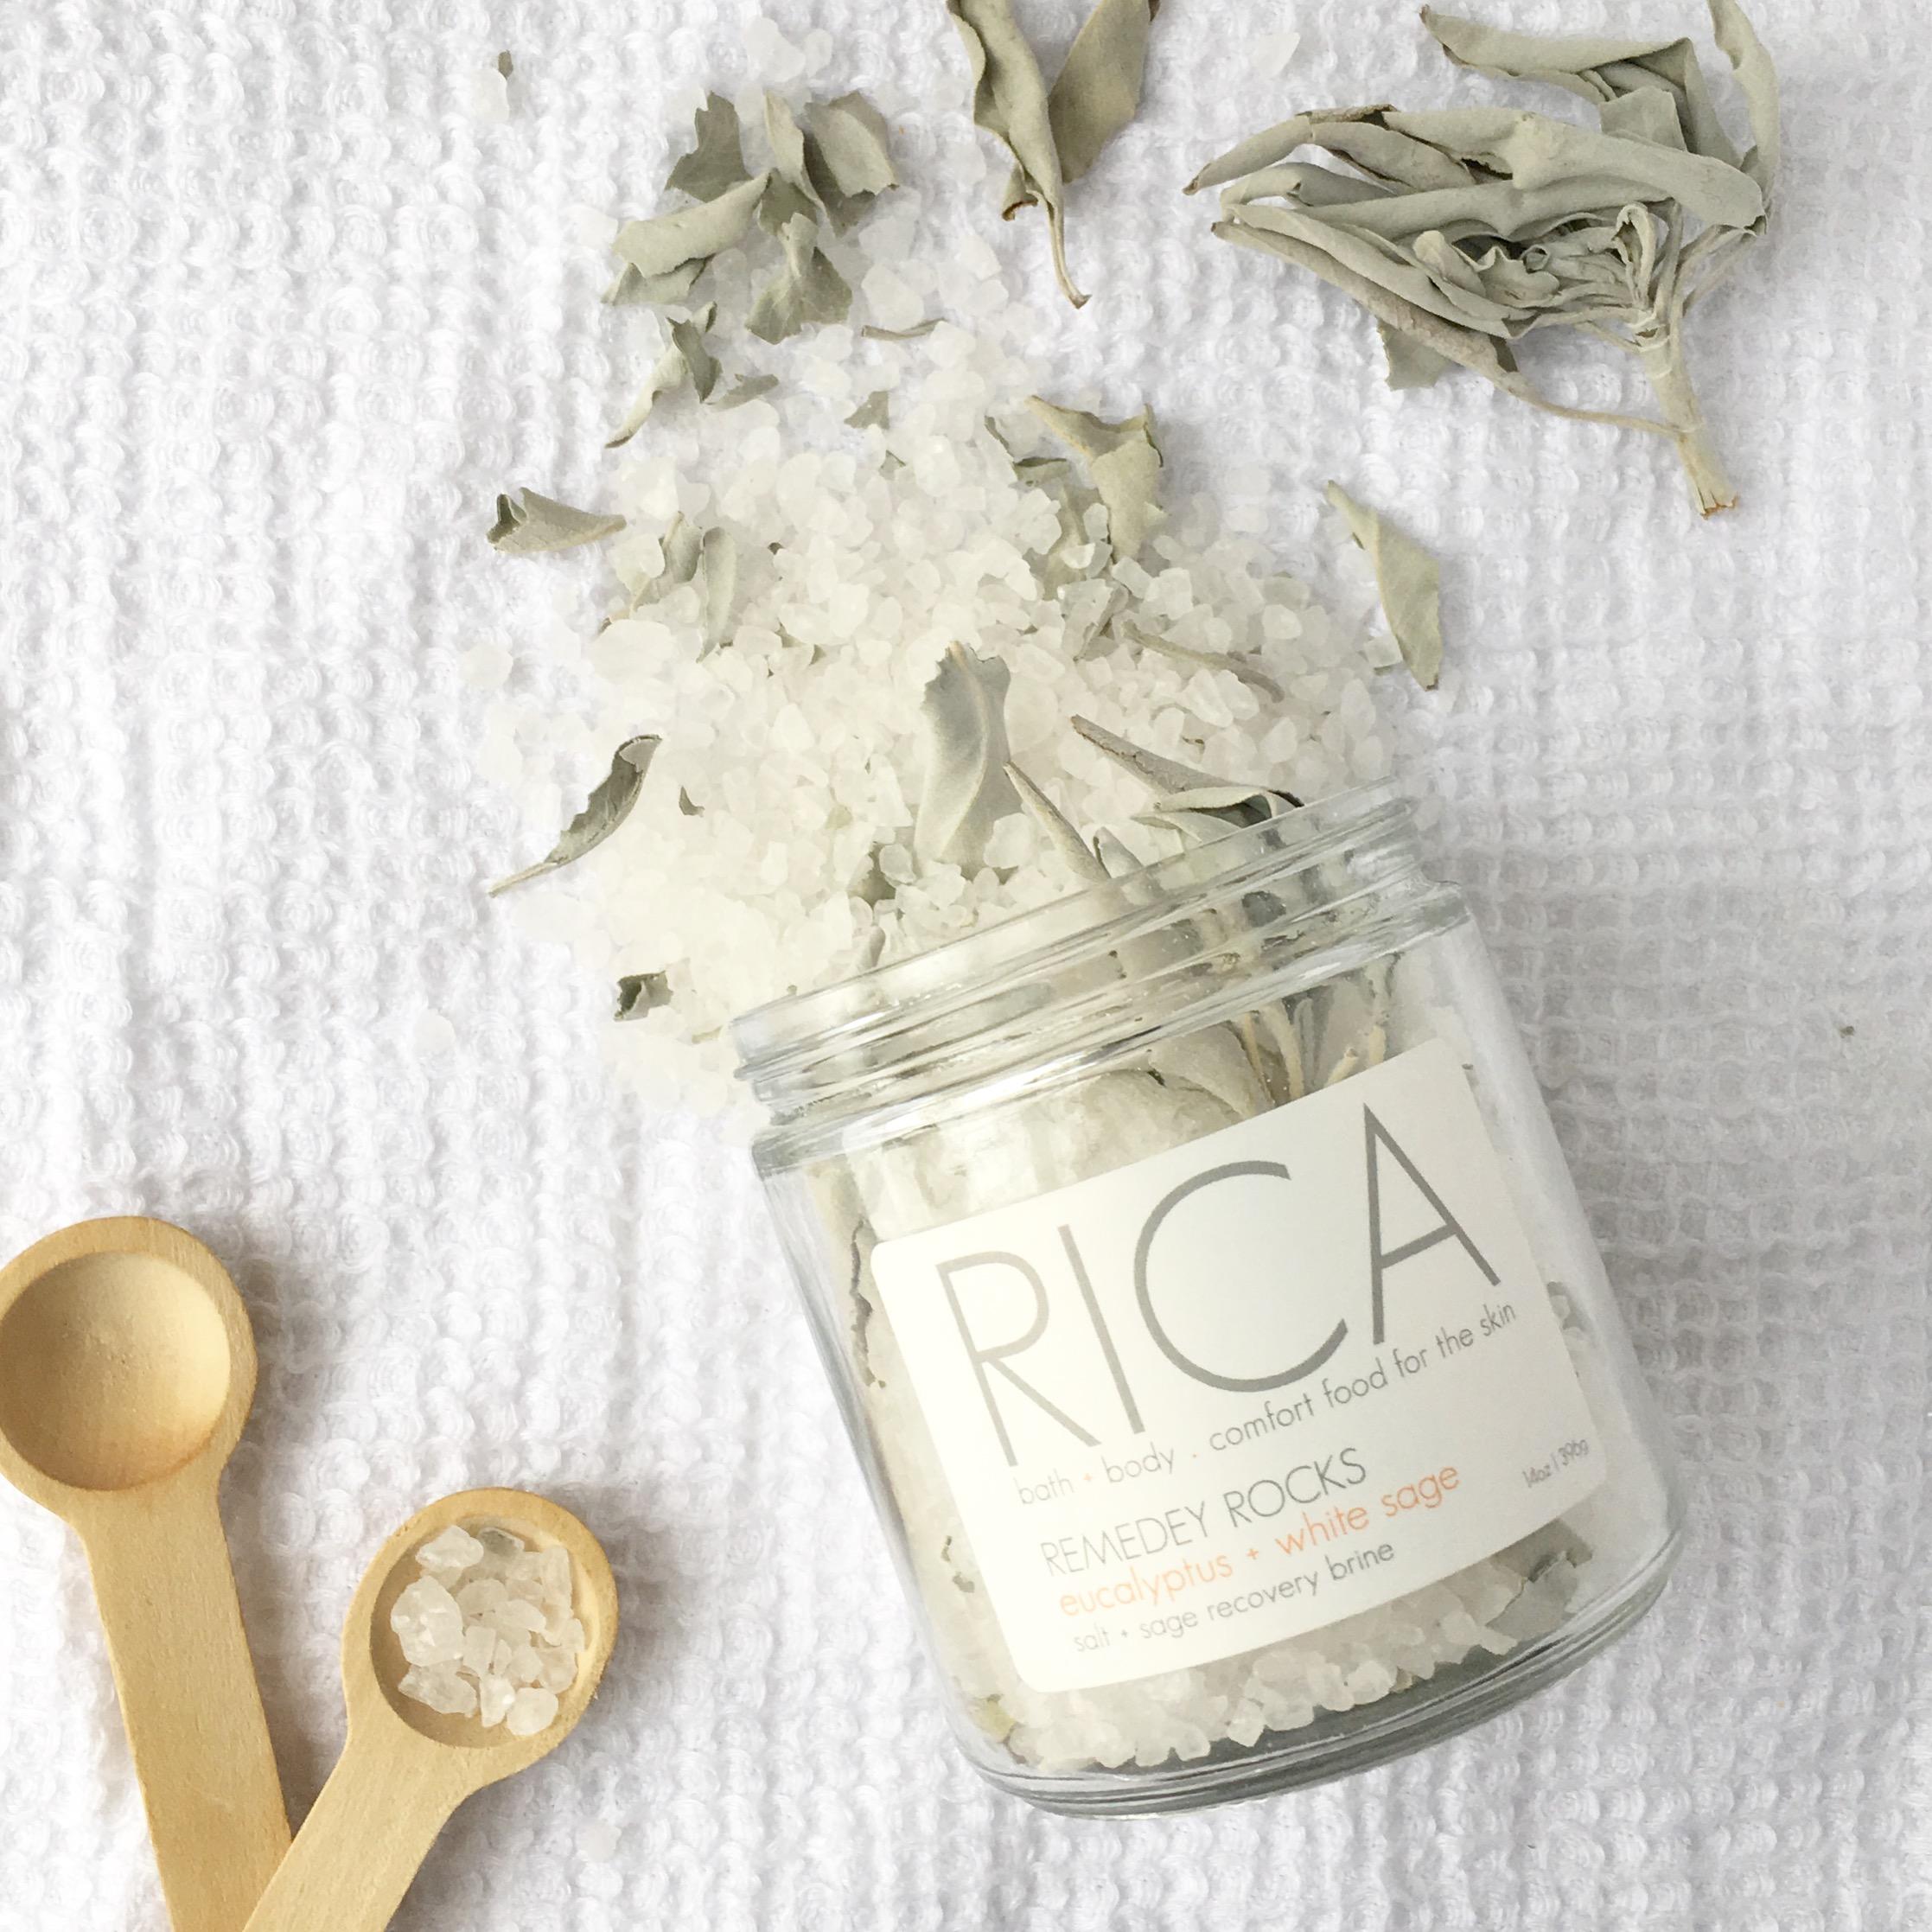 RICA bath + body Remedy Rocks Open jar with wooden scoops.JPG